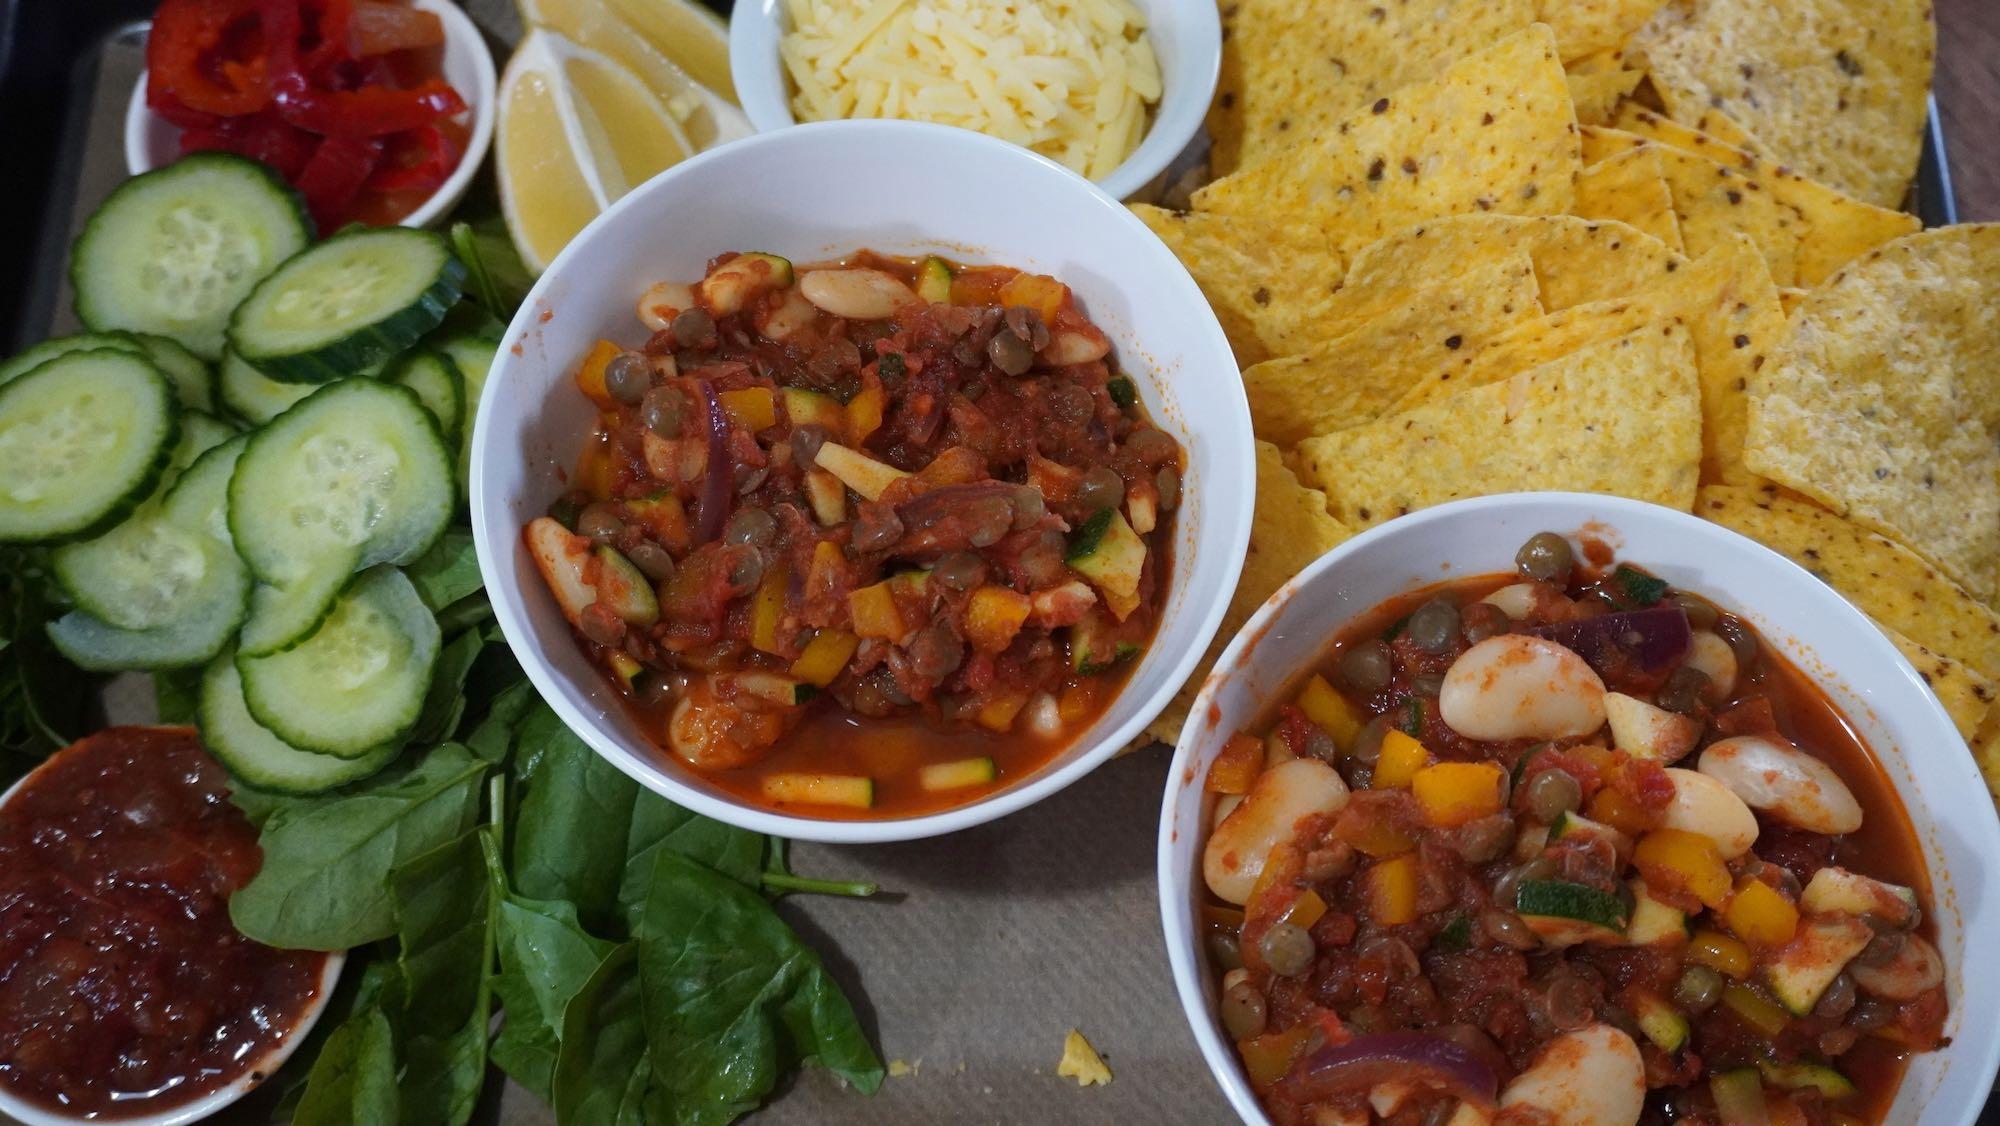 Healthy Mexican Stir Fry